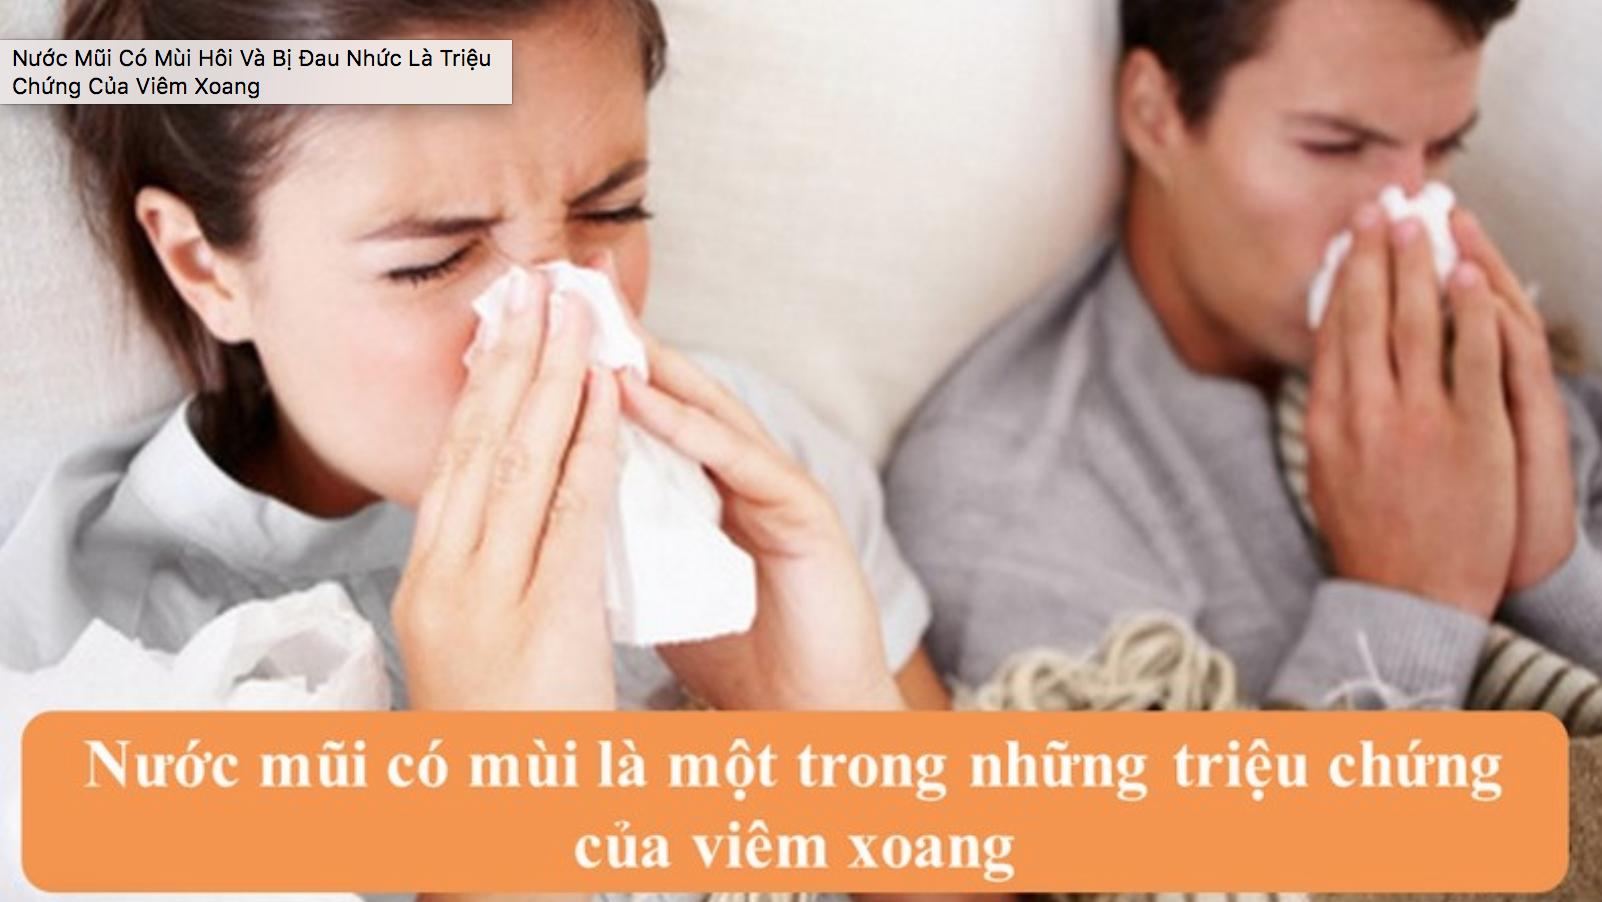 bệnh hiểm nguy lúc mũi có mùi hôi thối